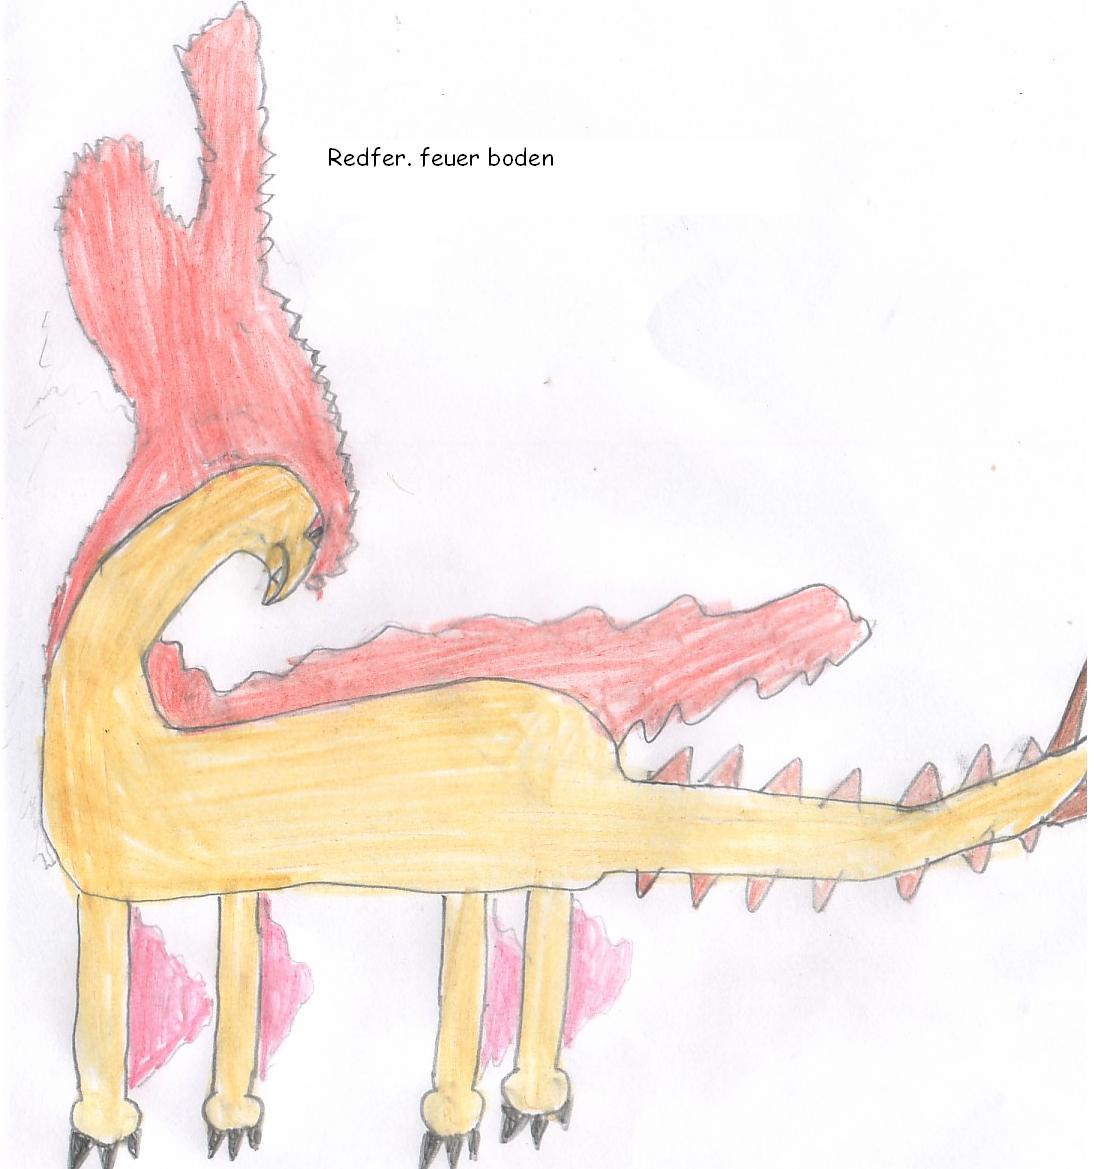 Pokémon-Zeichnung: redfer